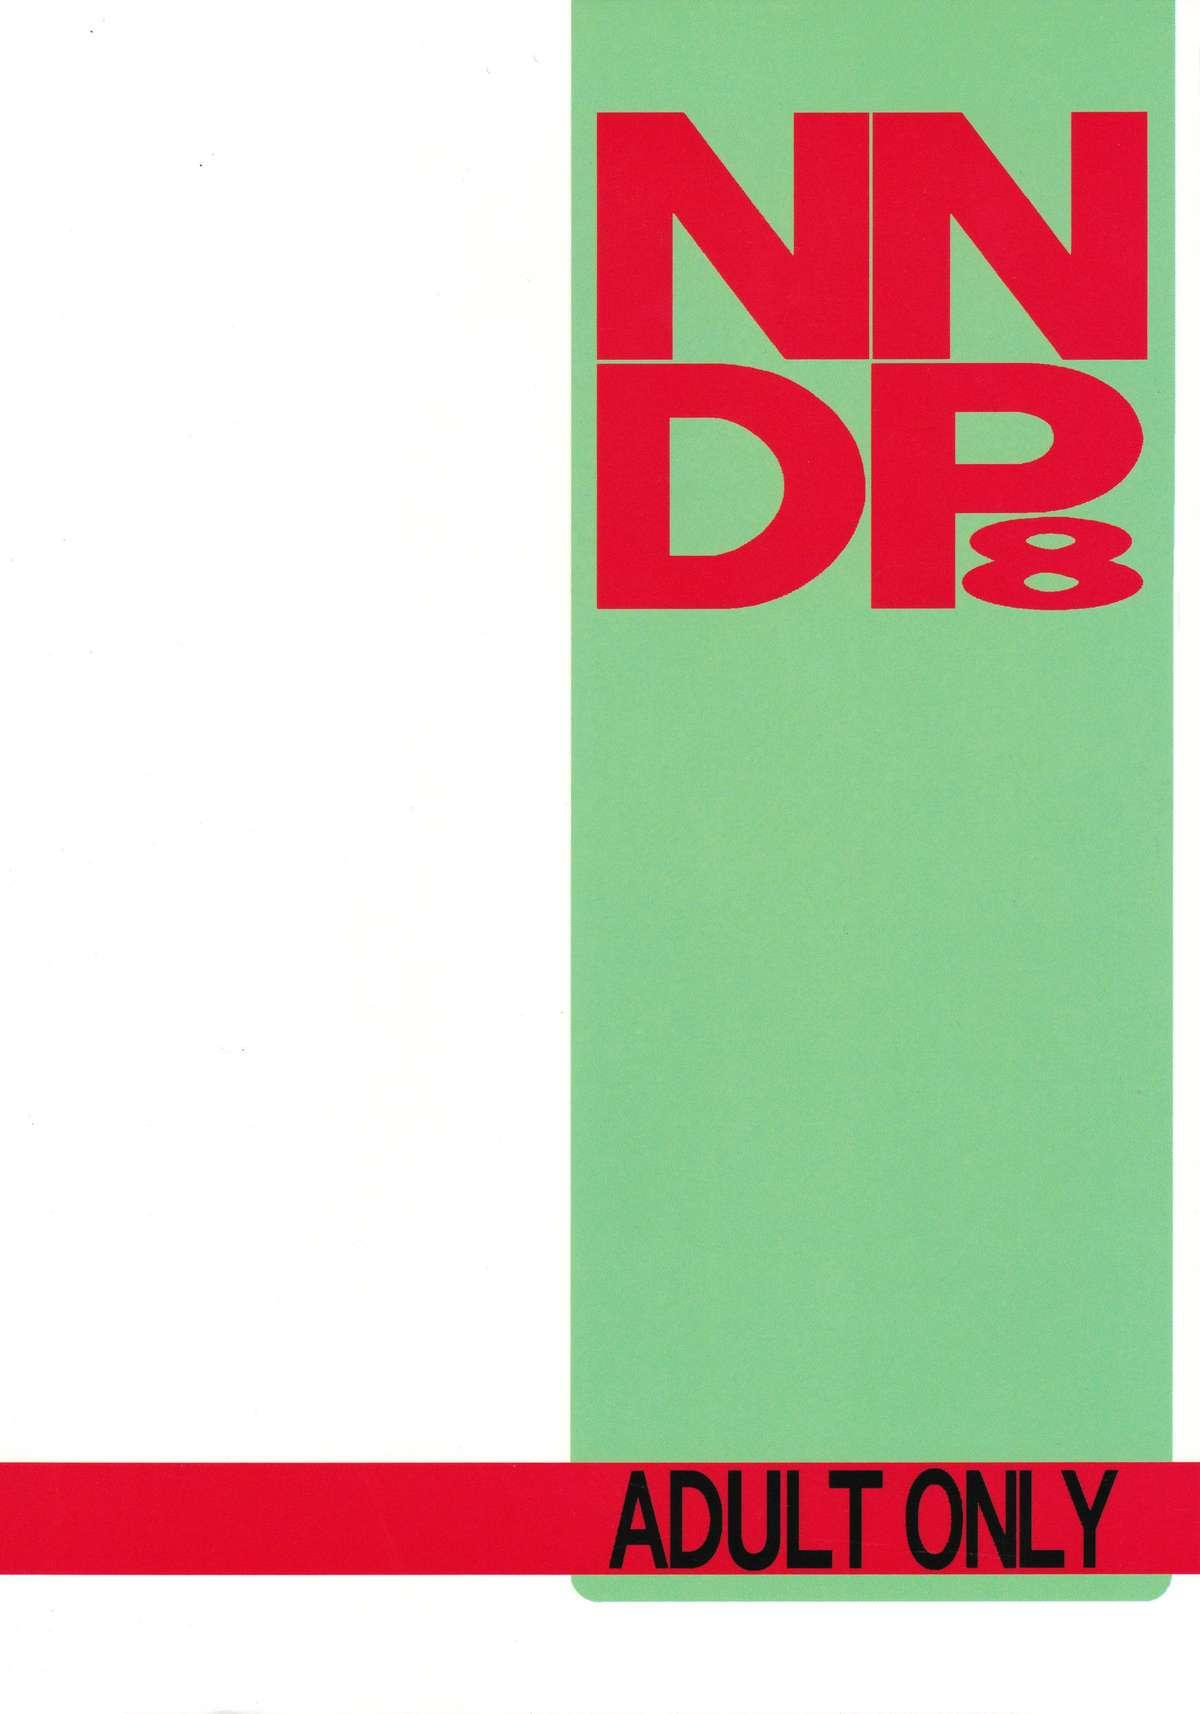 NNDP 8 27